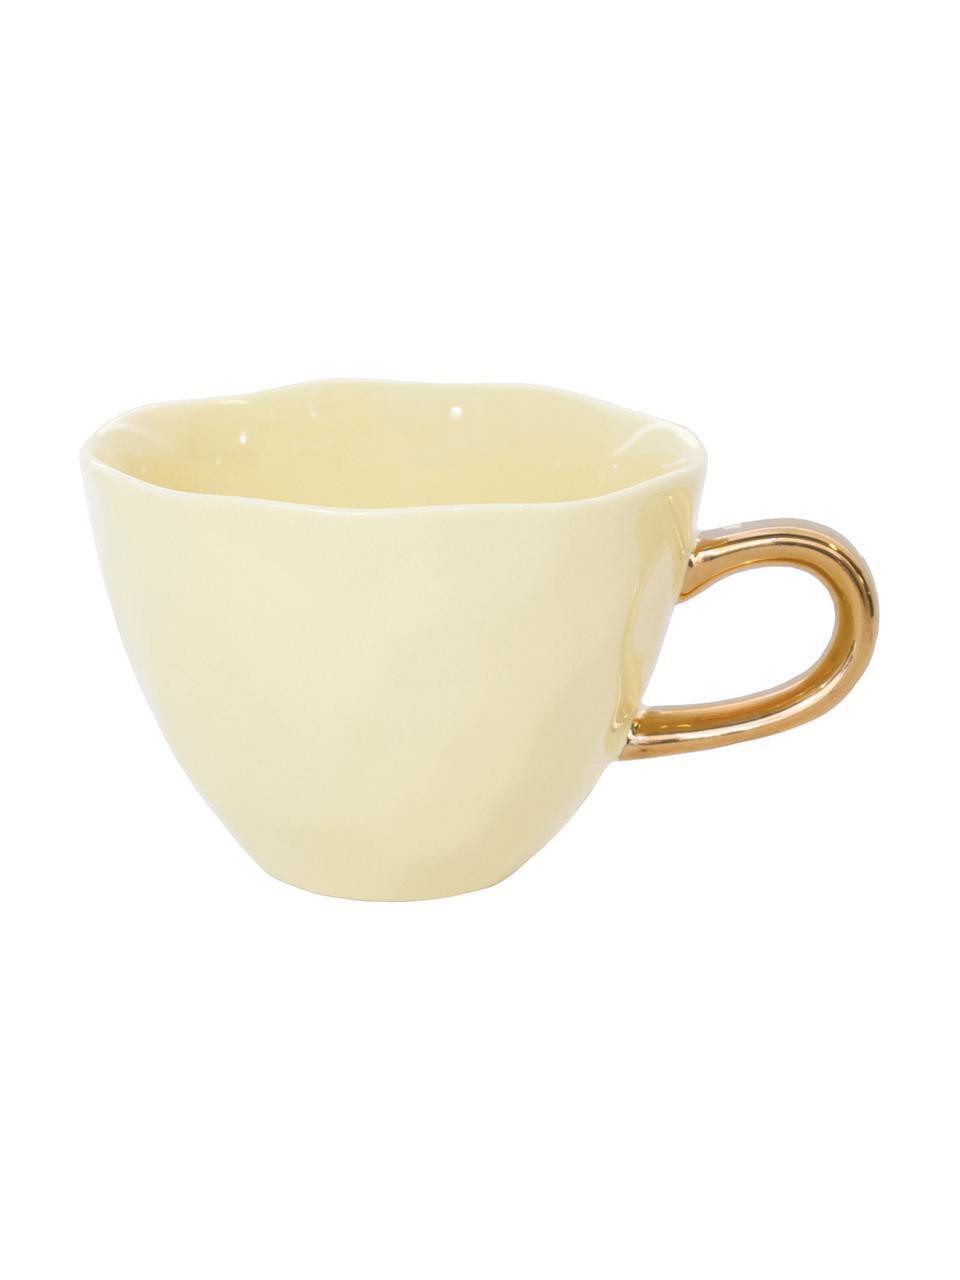 Tasse en grès jaune avec poignée dorée Good Morning, Jaune, couleur dorée